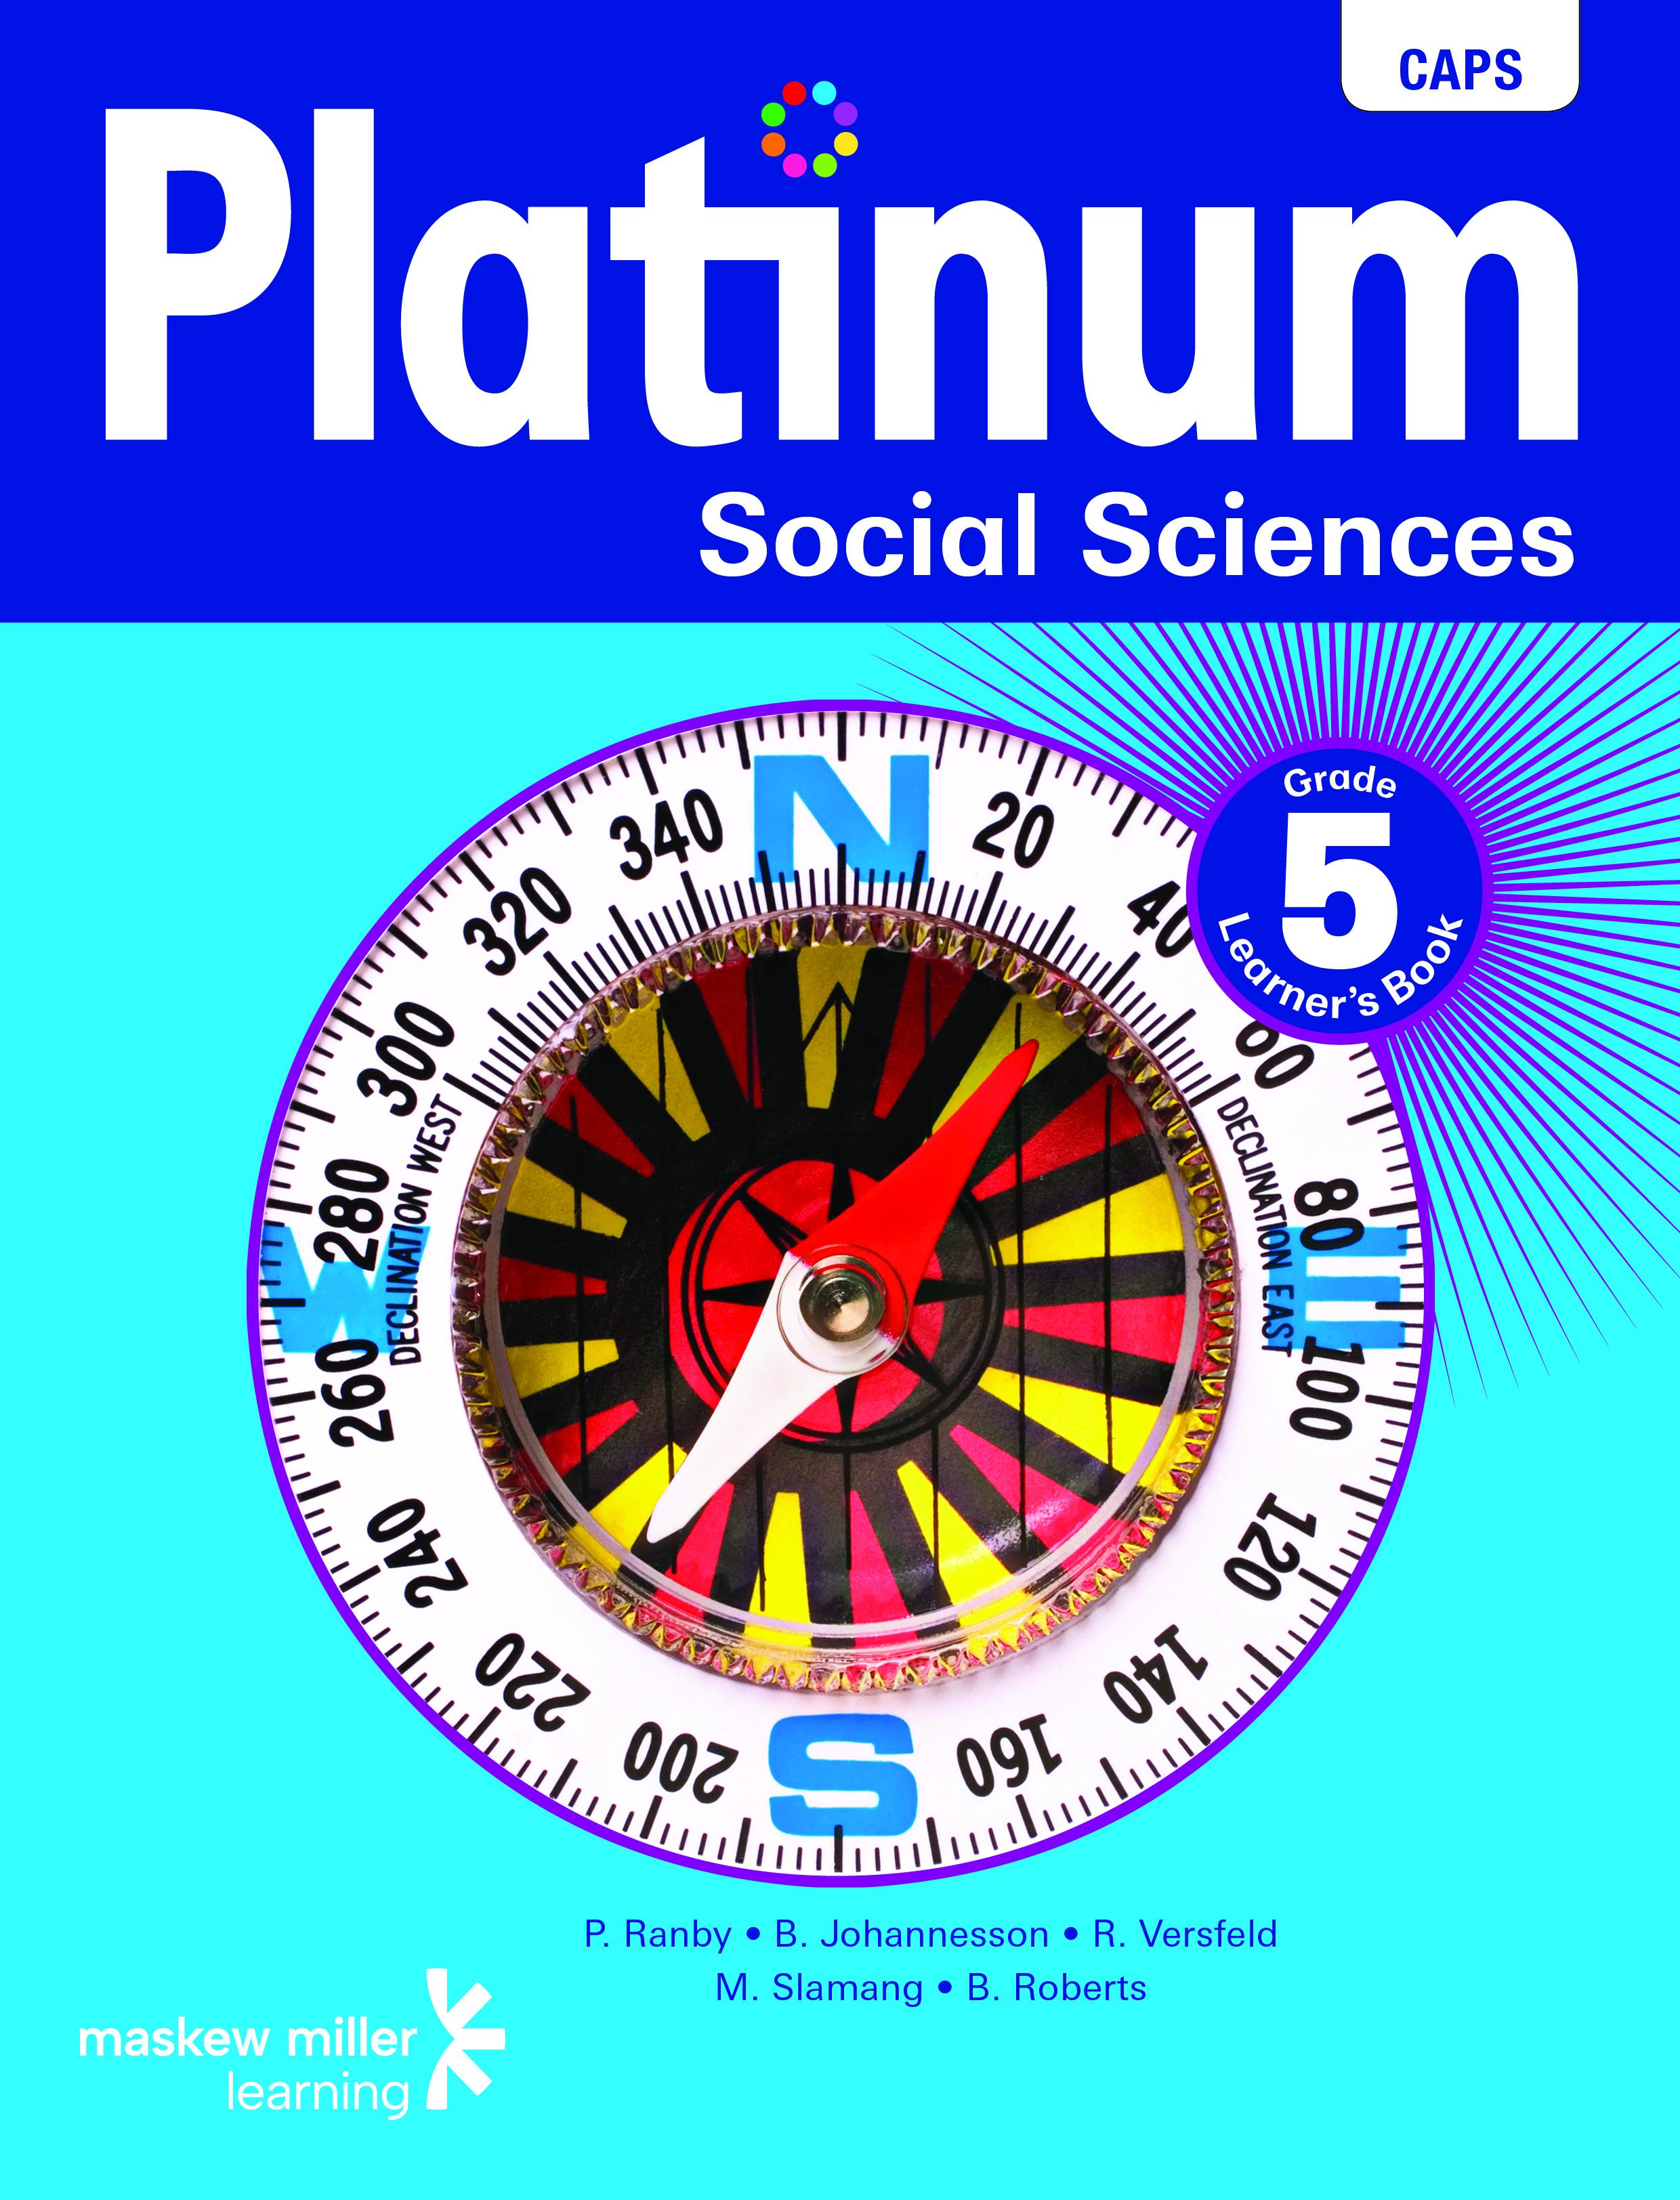 Picture of Platinum social sciences CAPS